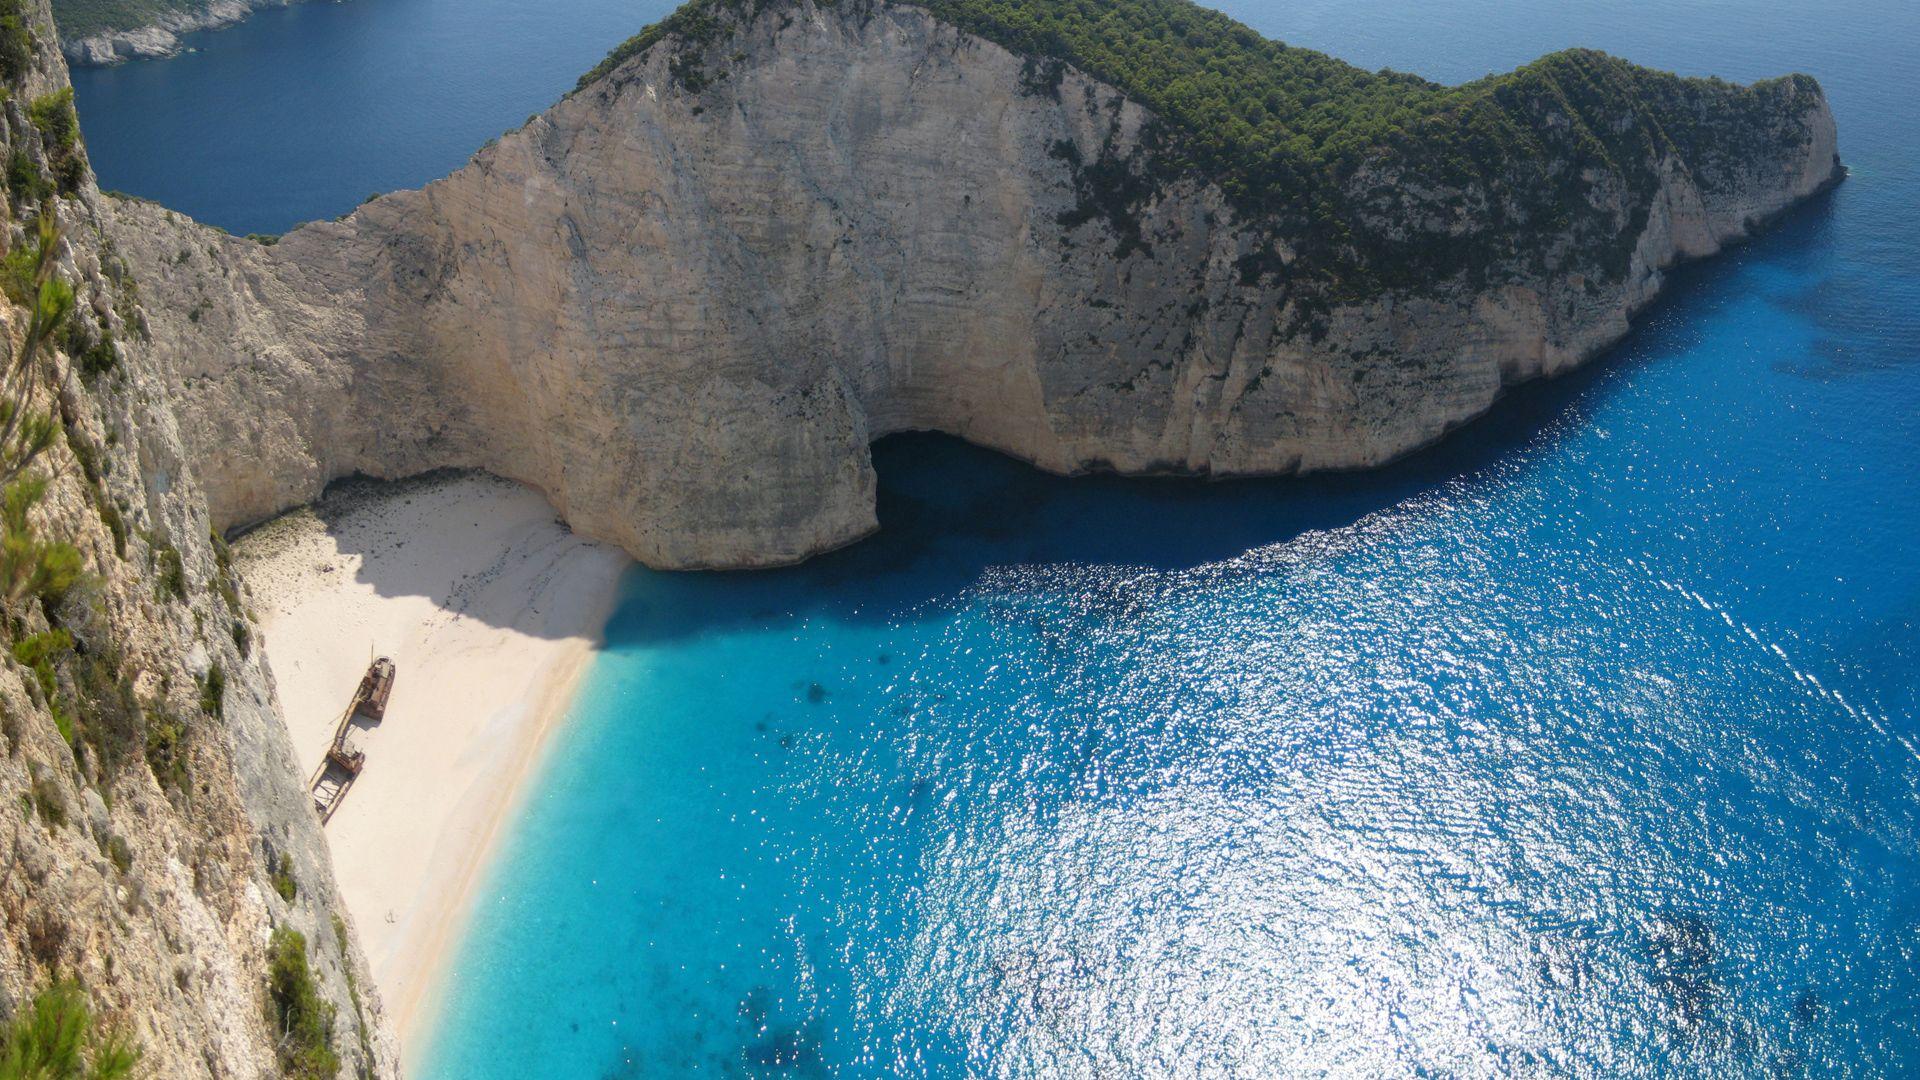 Sfondi Hd Desktop Mare The Islands Spiaggia Nascosta Spiagge E